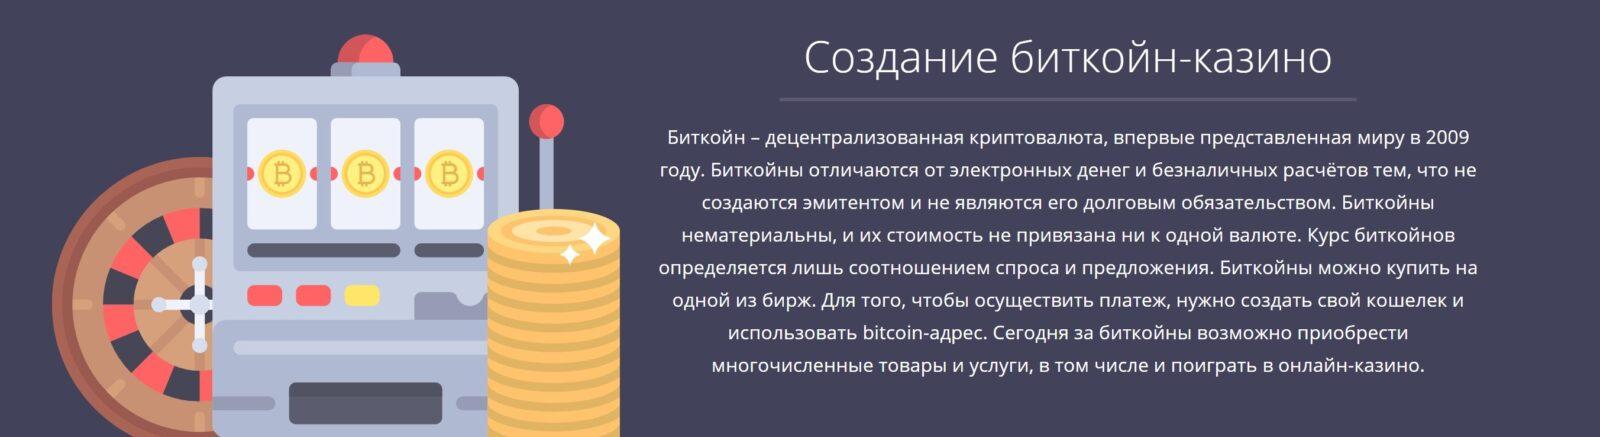 Разработчик казино